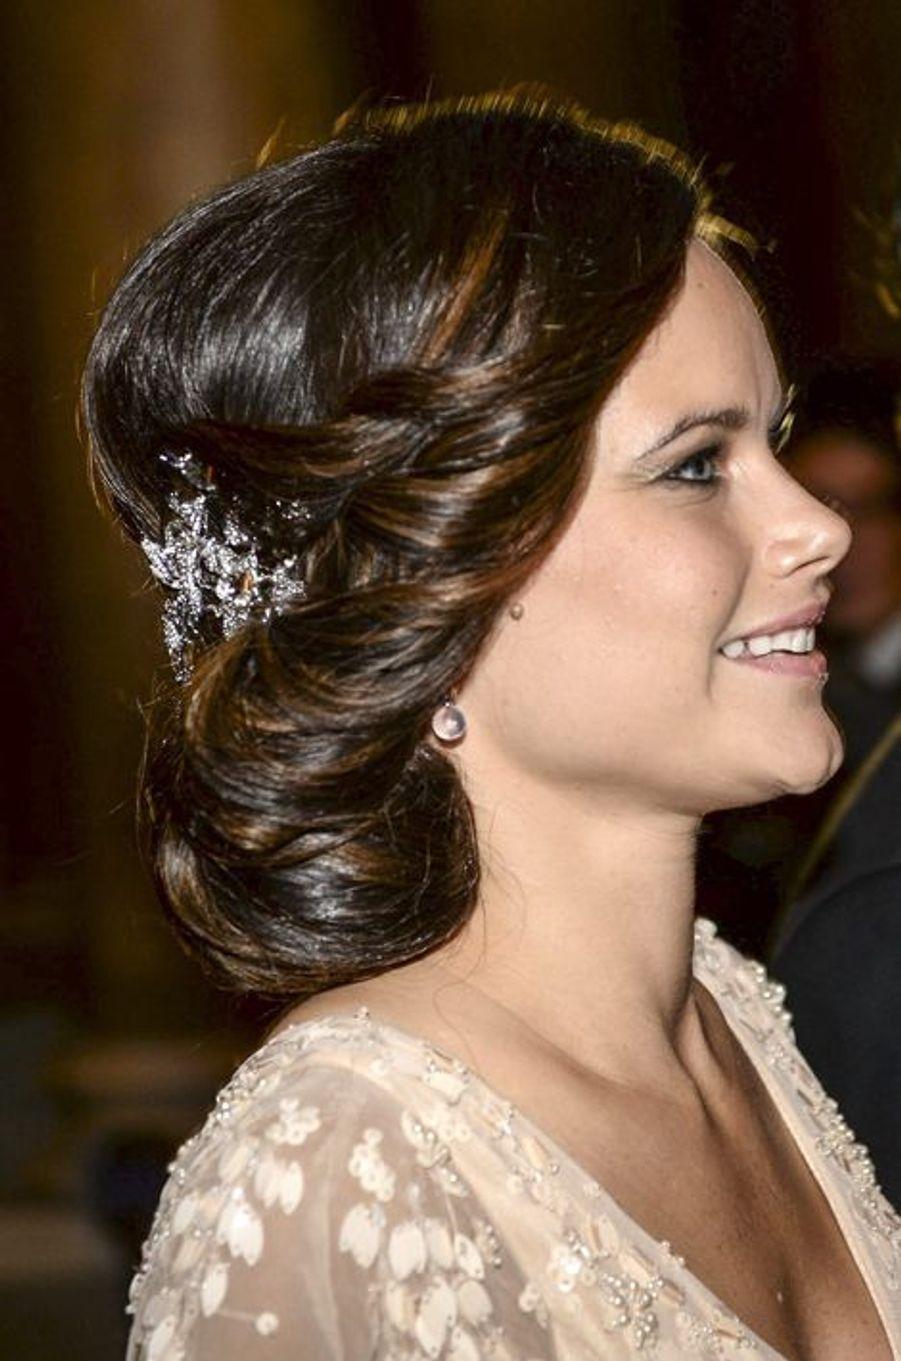 Sofia Hellqvist au palais royal à Stockholm, le 11 décembre 2014